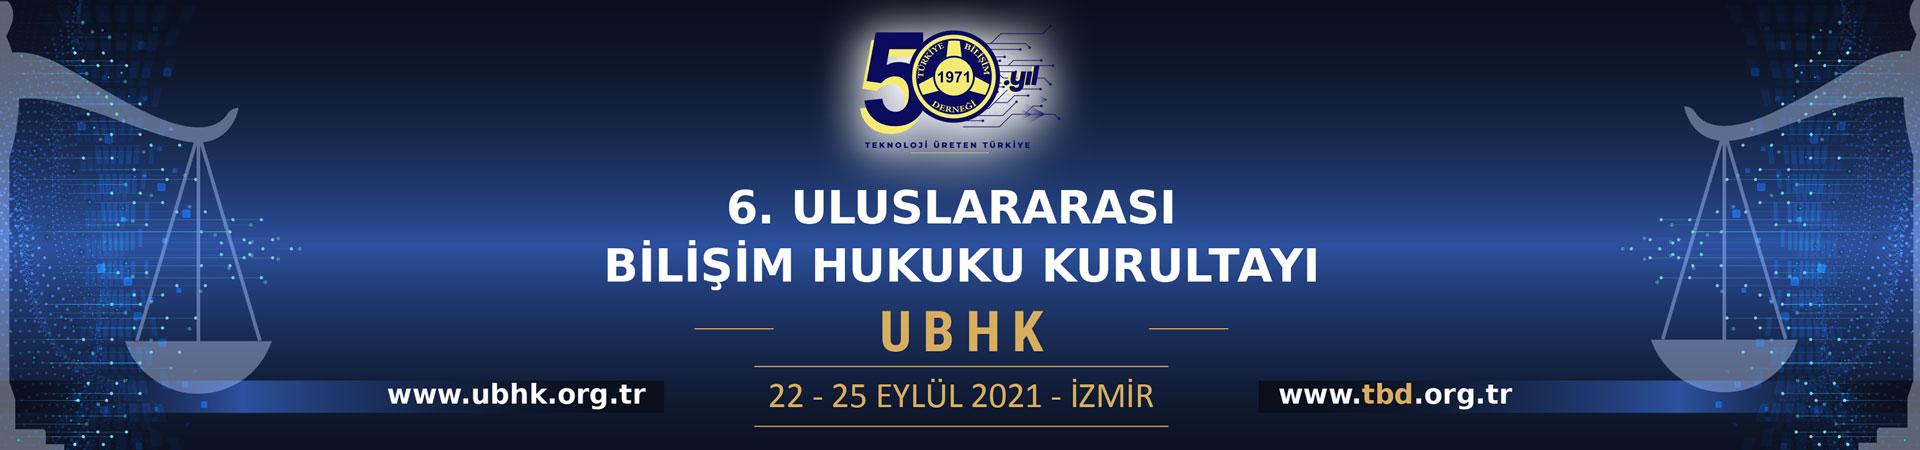 6. UBHK